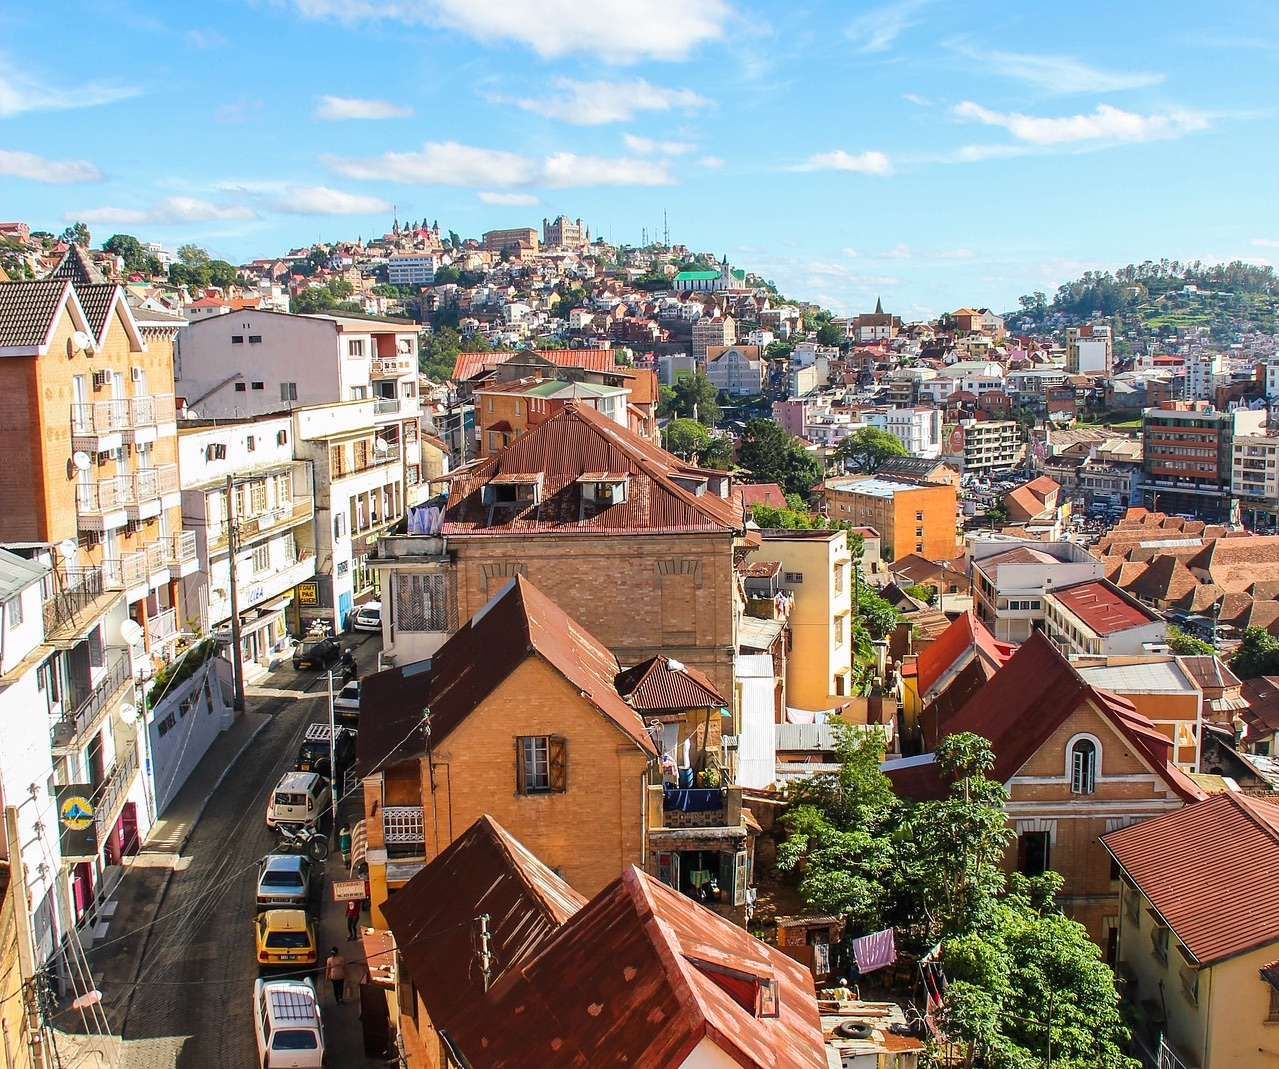 Tana, Madagascar, Africa, Pixabay.com